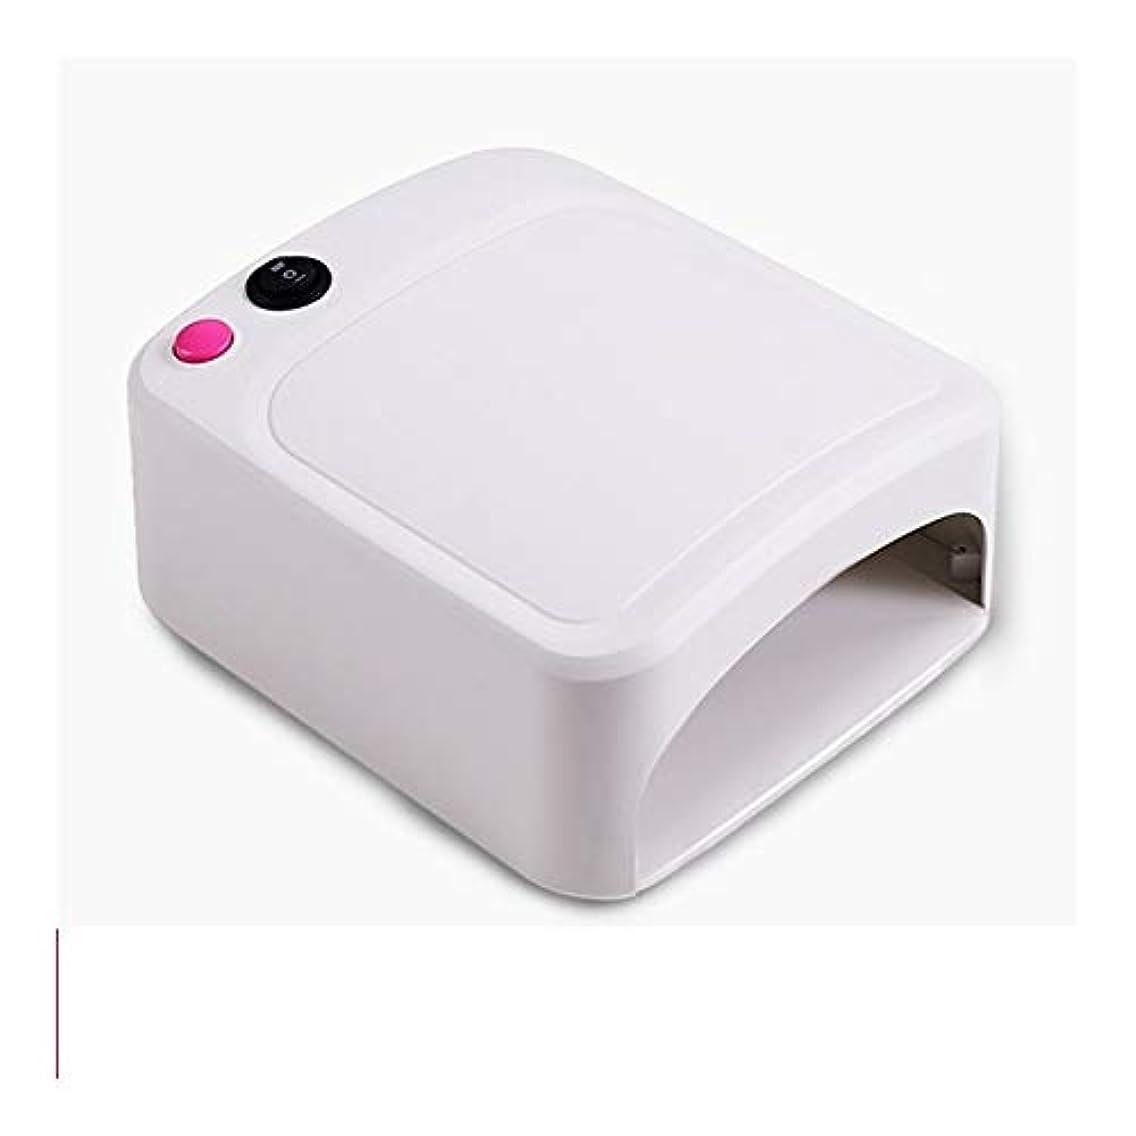 私たちの以前は著名なLittleCat ネイルネイル光線療法機UVランプ36W UVライトローストネイルドライヤー (色 : Pink euro circle)